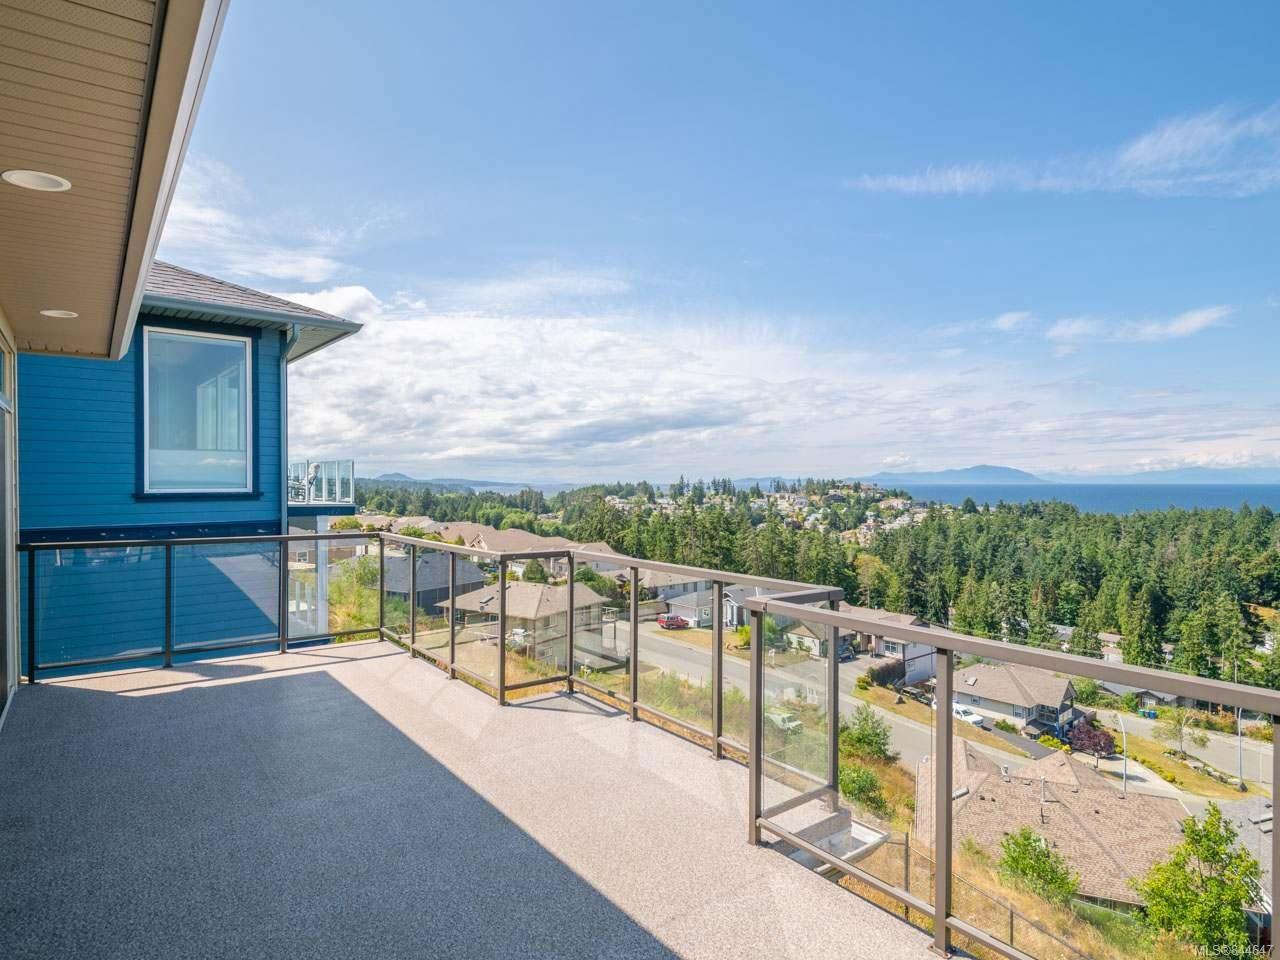 Photo 45: Photos: 4576 Laguna Way in NANAIMO: Na North Nanaimo House for sale (Nanaimo)  : MLS®# 844647